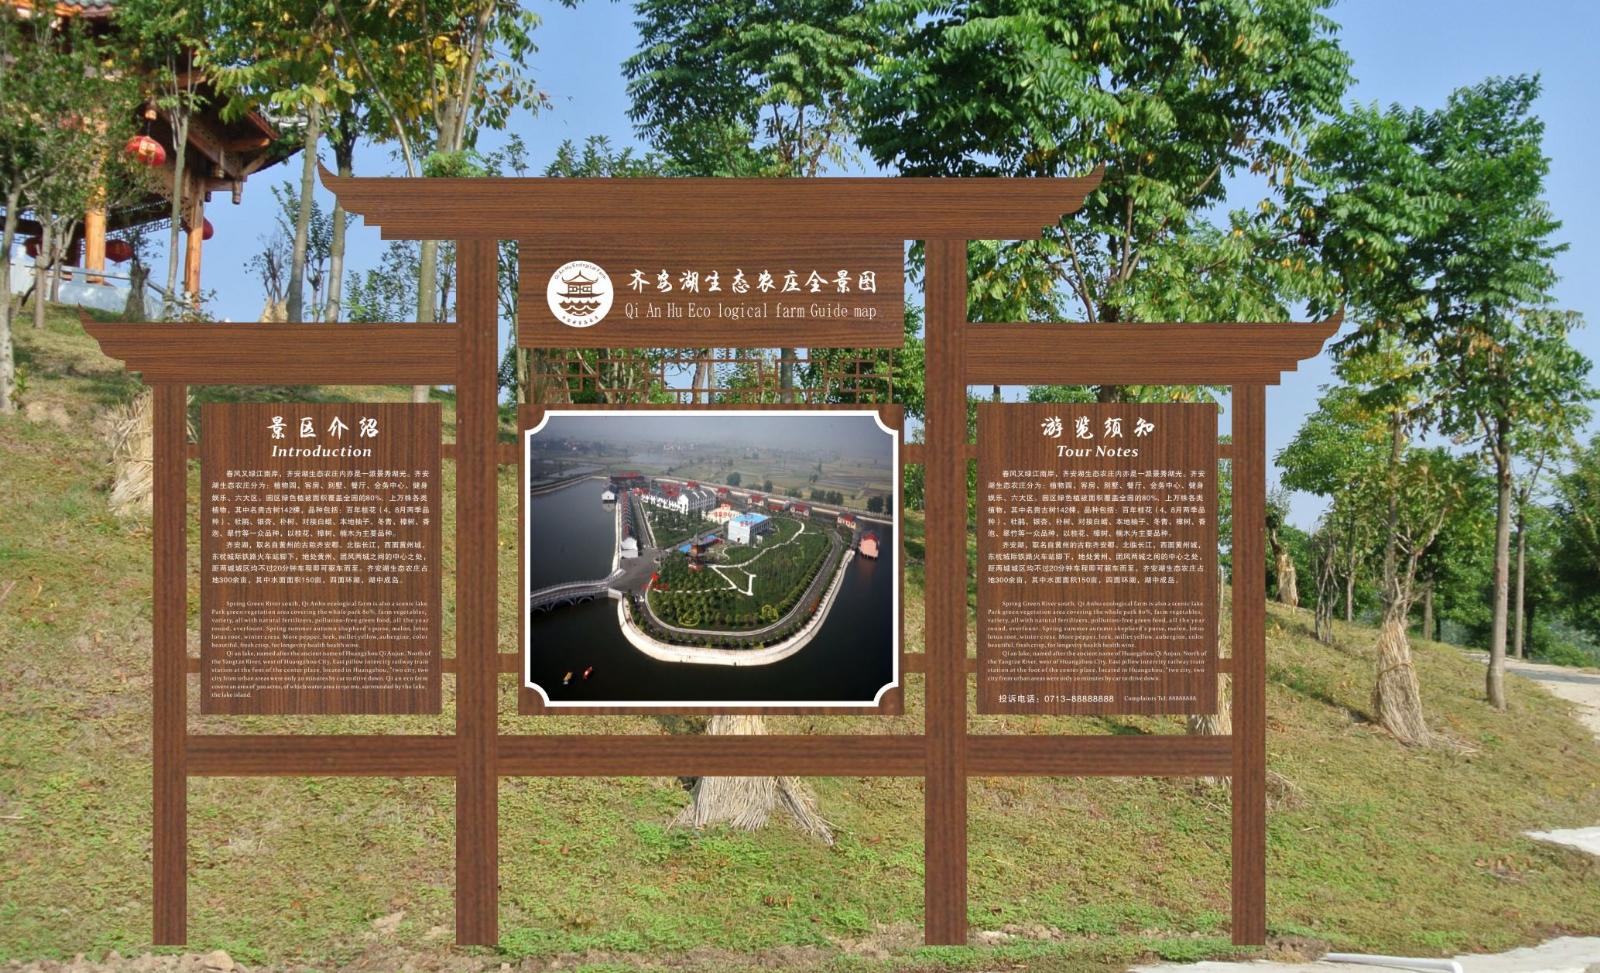 齐安湖生态农庄标识工程图片